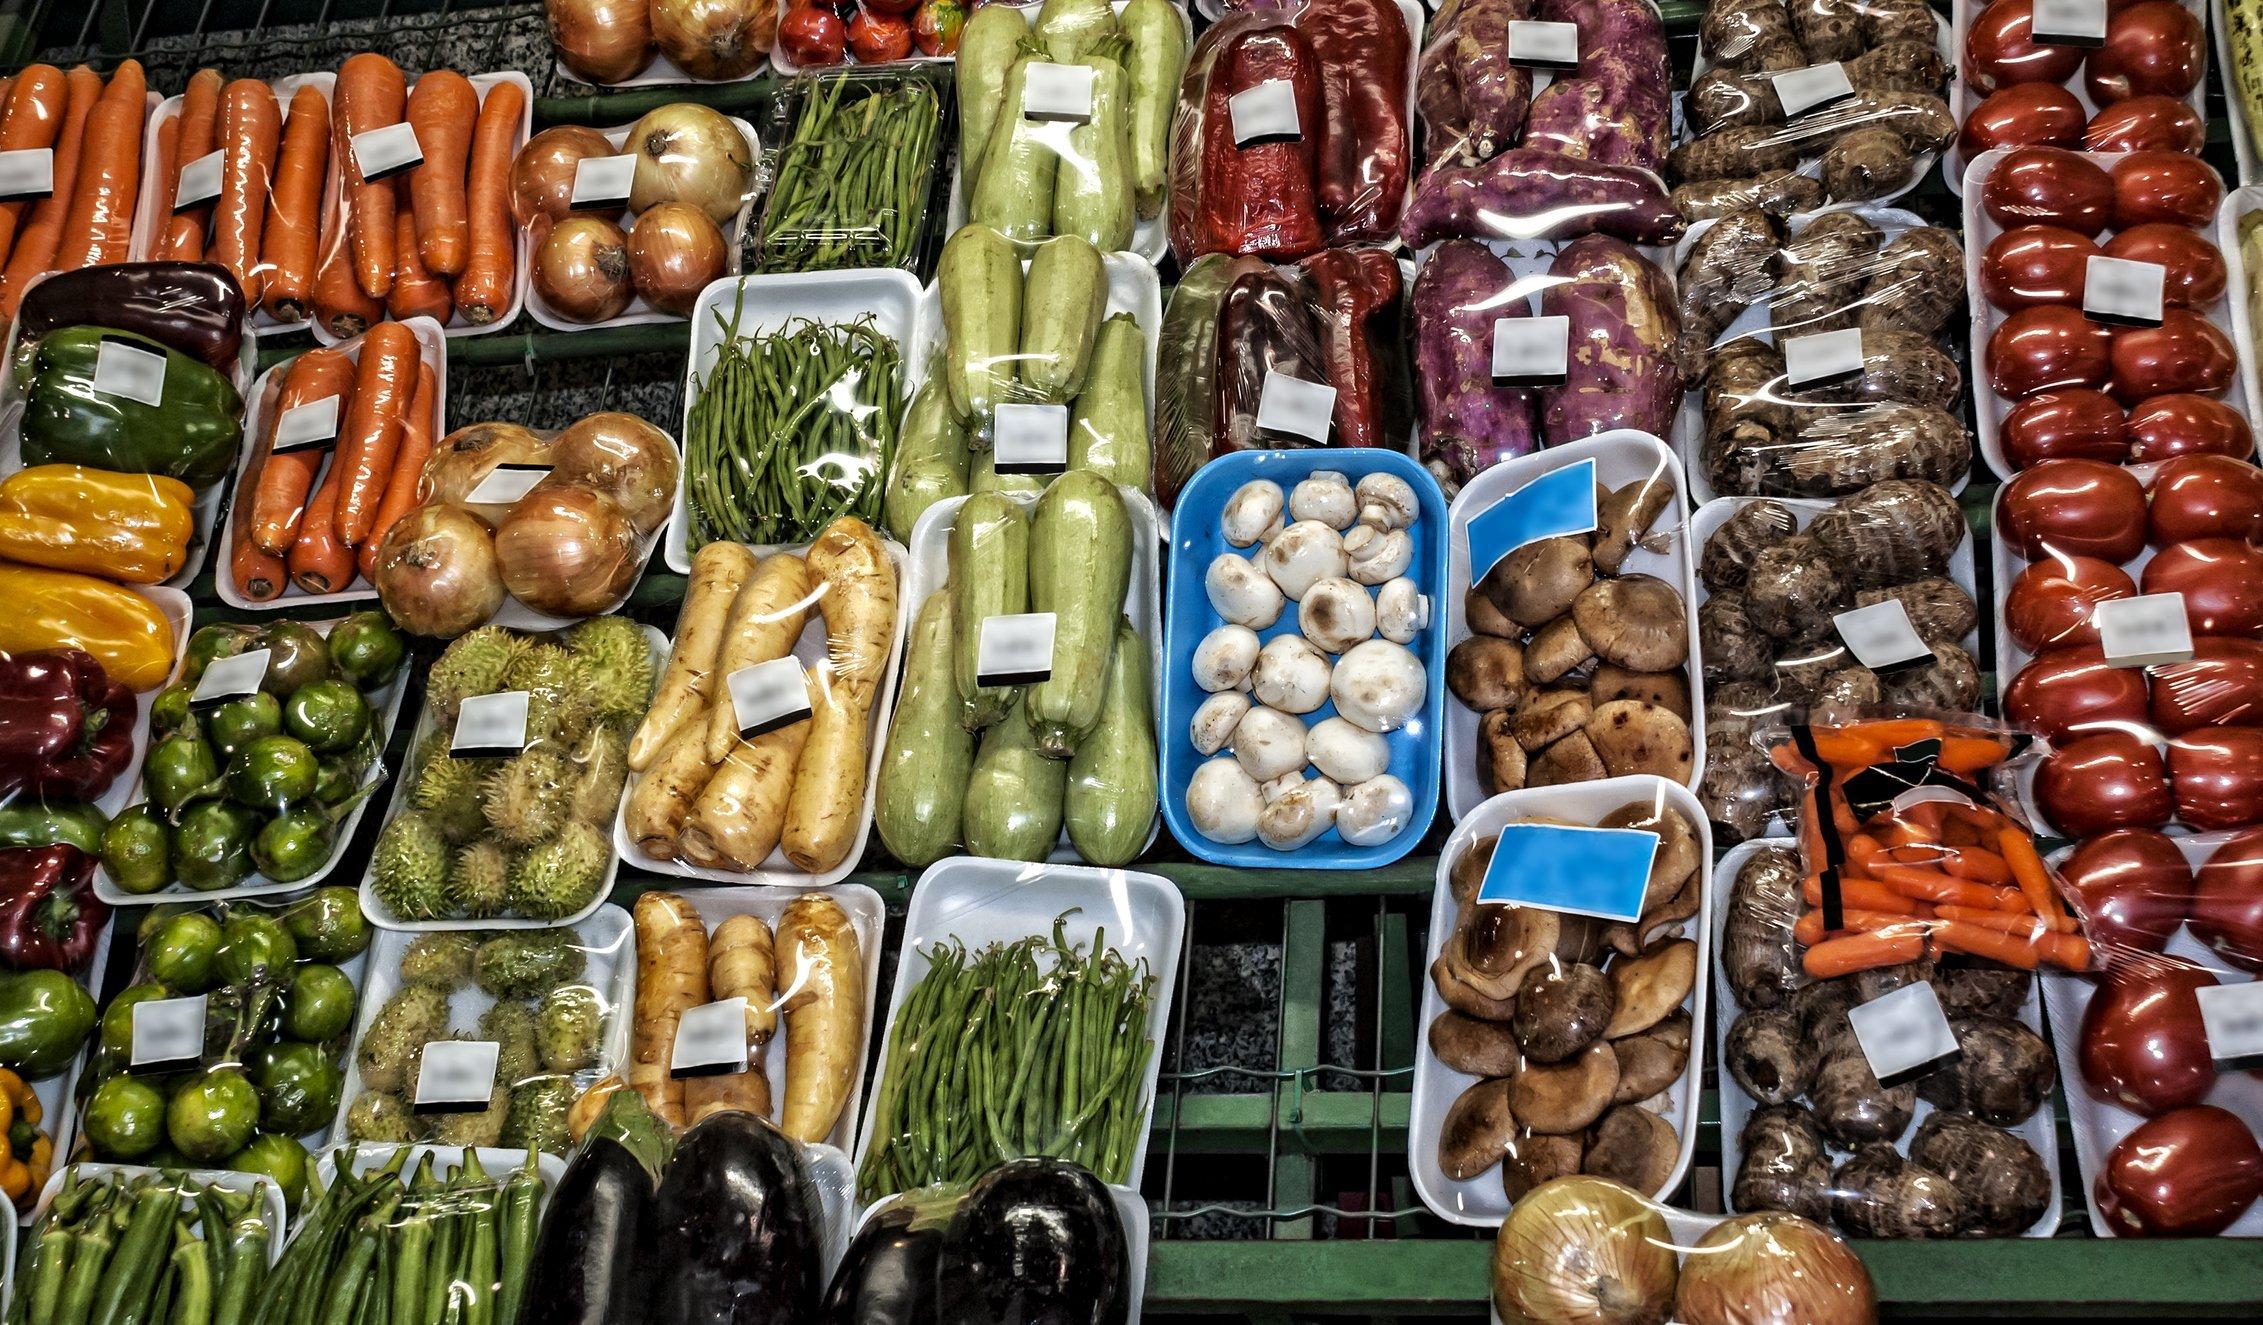 França vai proibir embalagens plásticas em frutas e vegetais